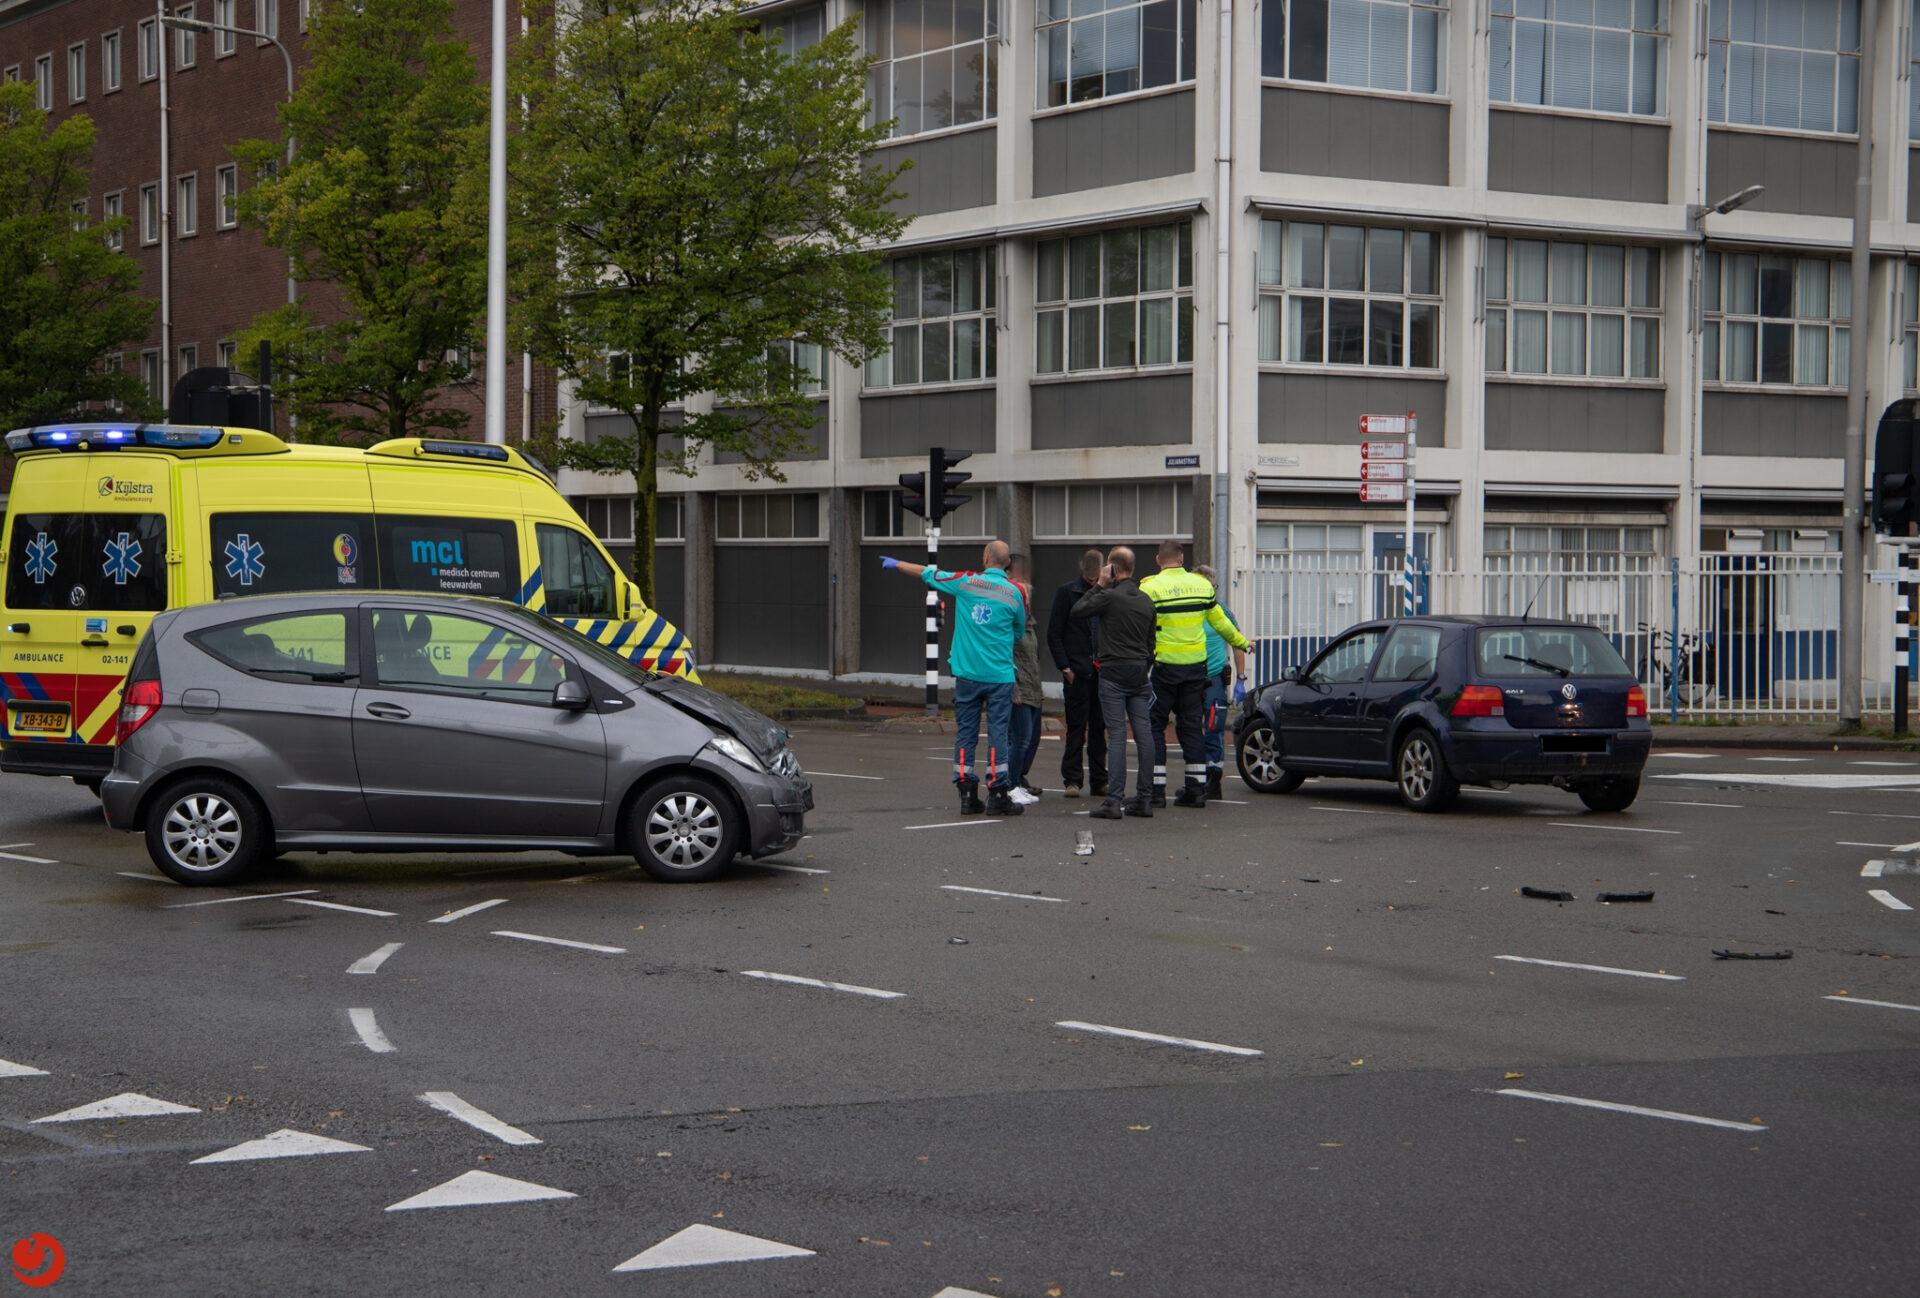 Flinke verkeershinder tijdens avondspits door ongeval in Leeuwarden.